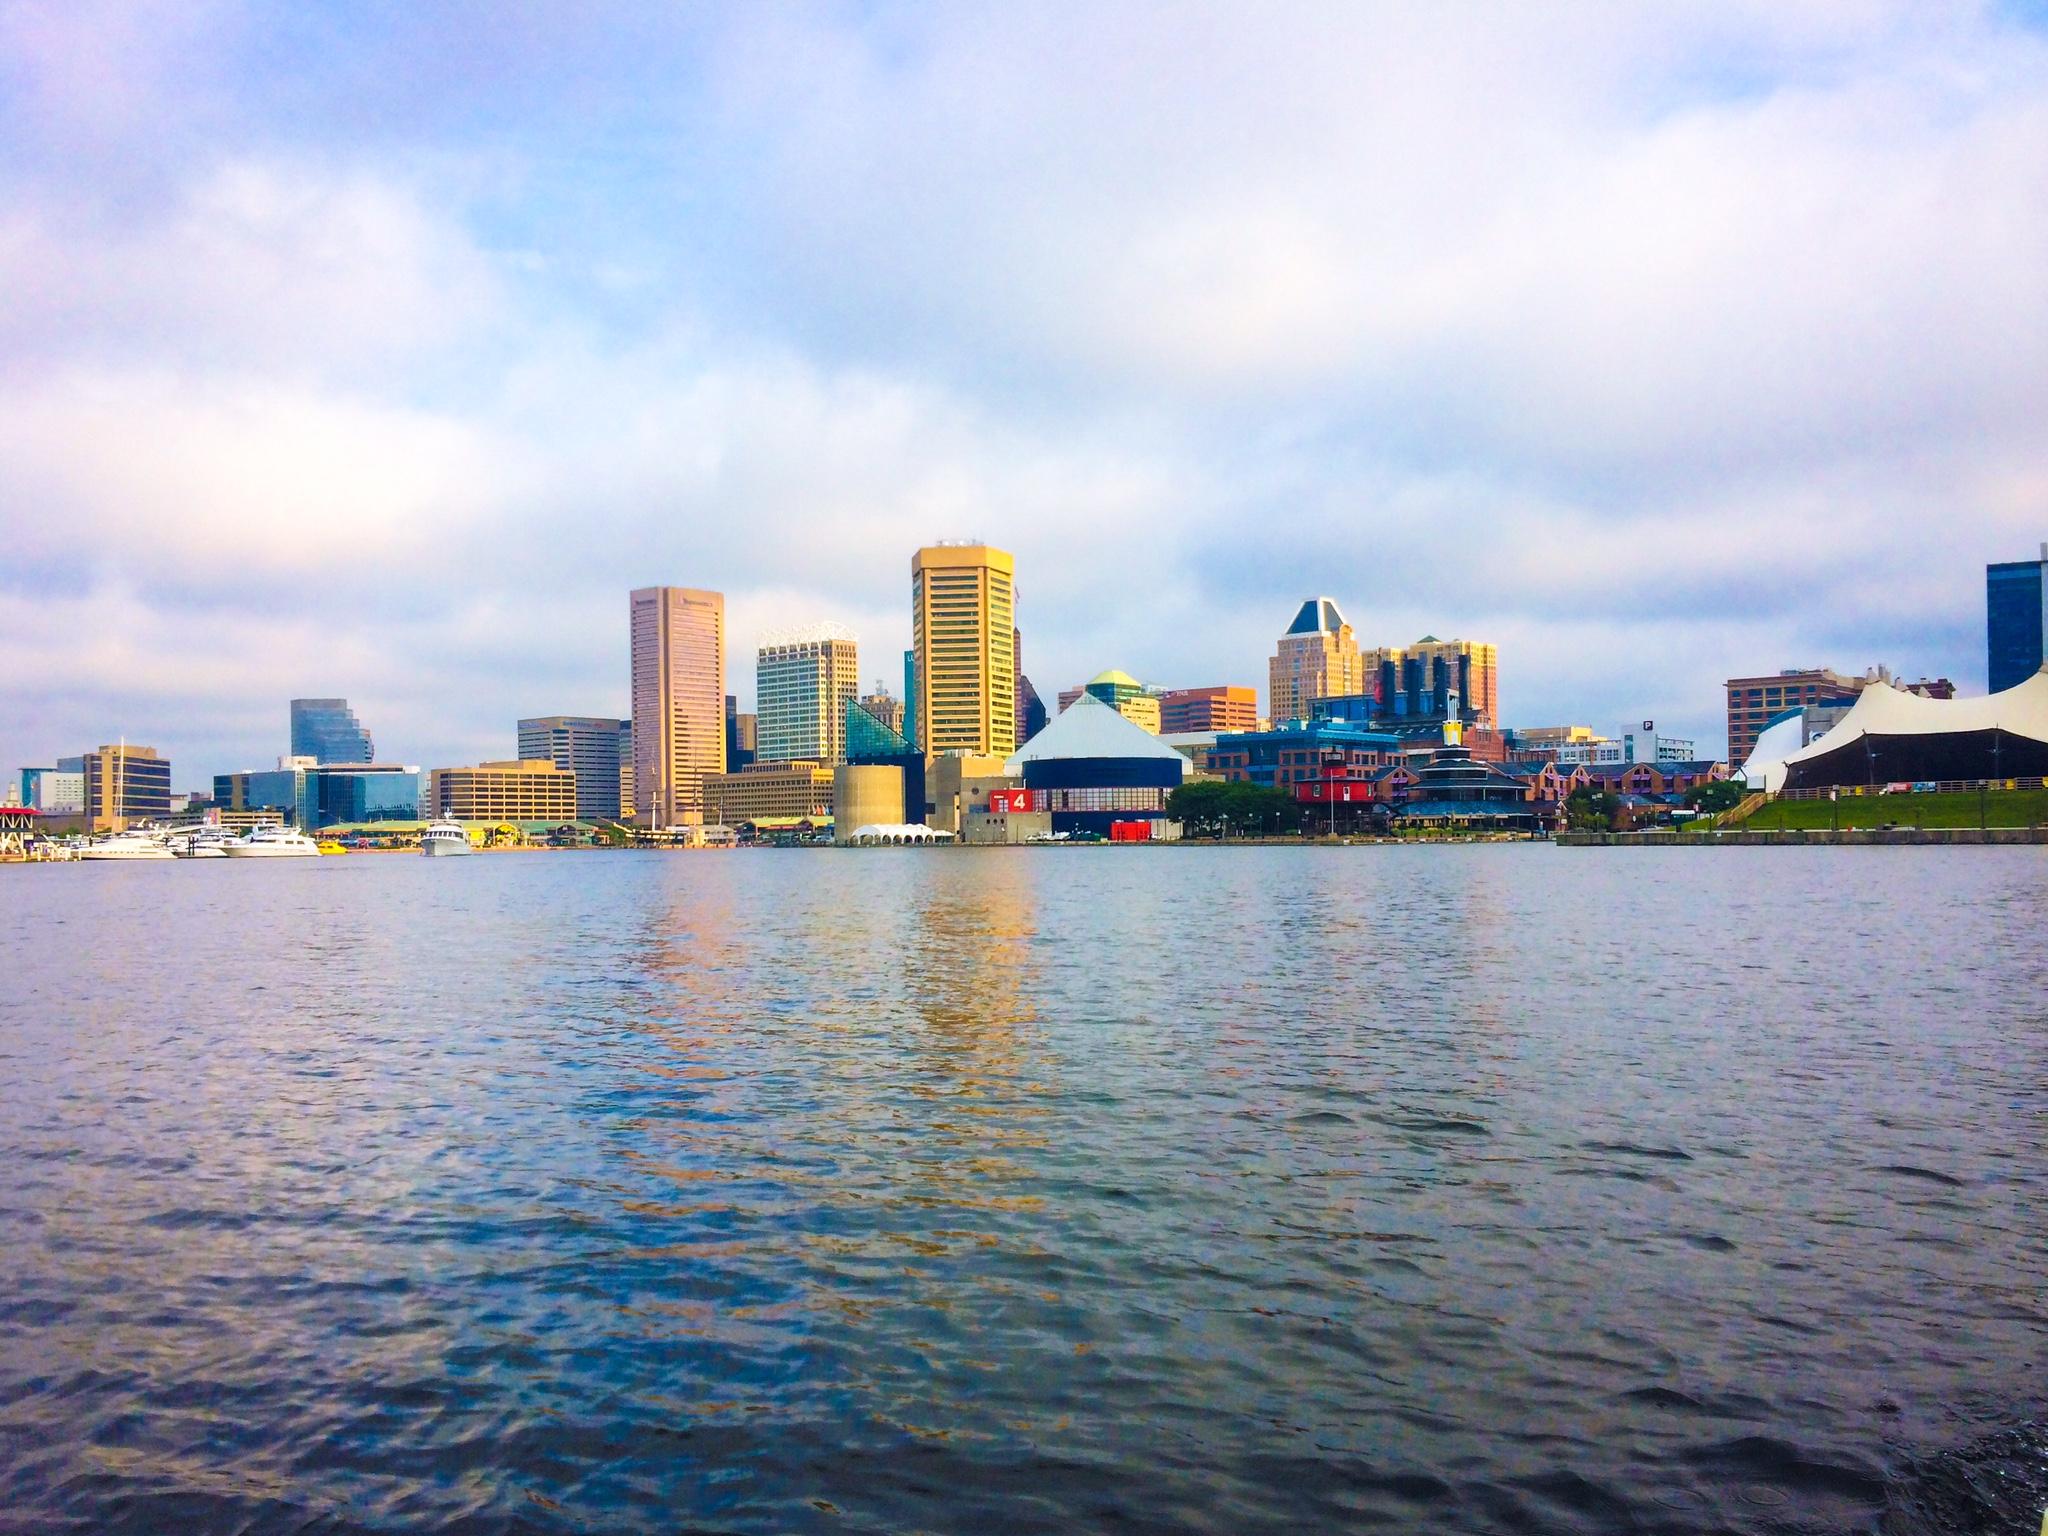 Baltimore Harbor, taken by Sarah